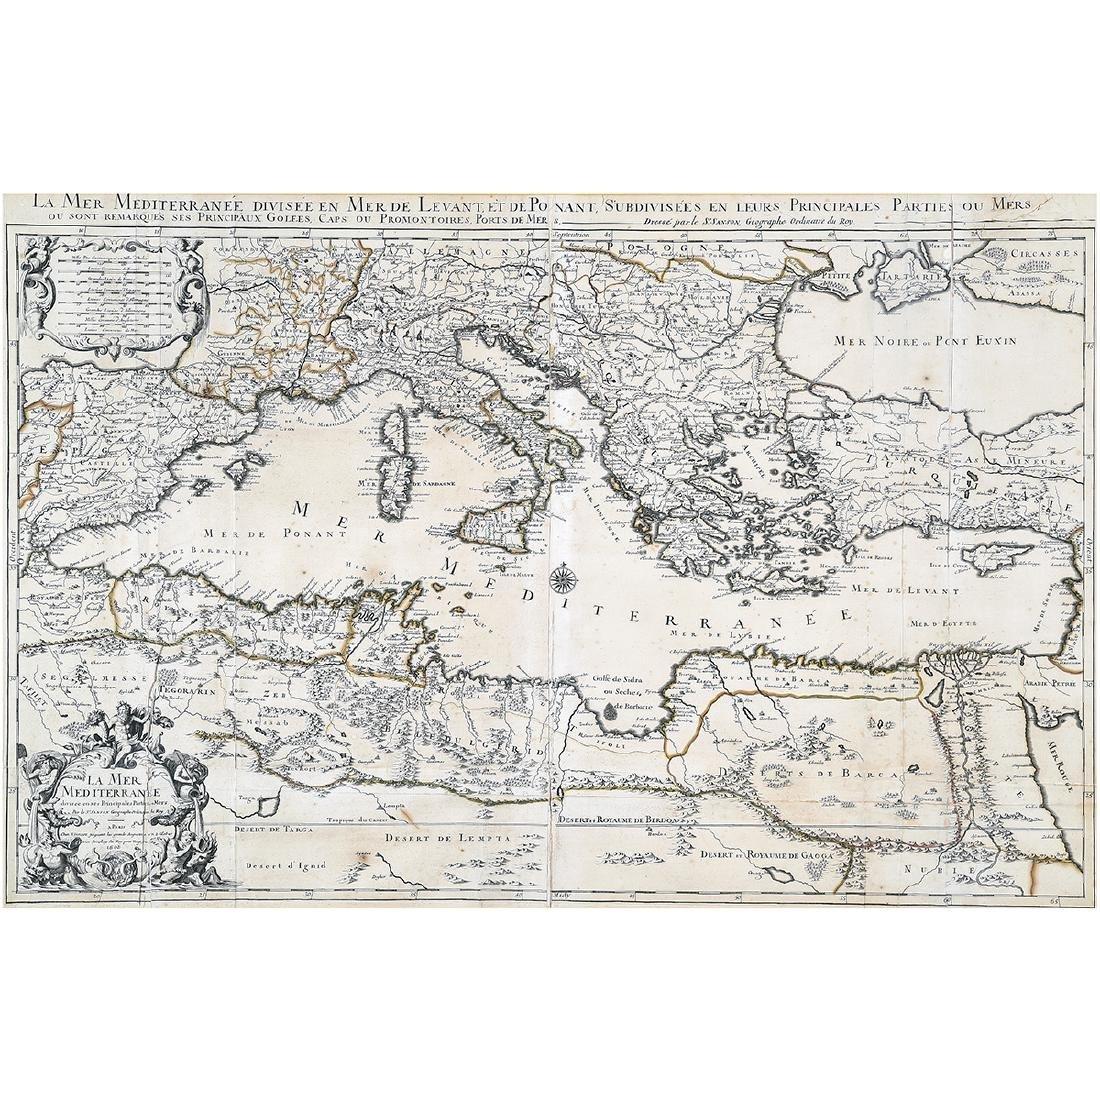 Framed Antique Map, La Mer Mediterranee, Kaillot, 1692